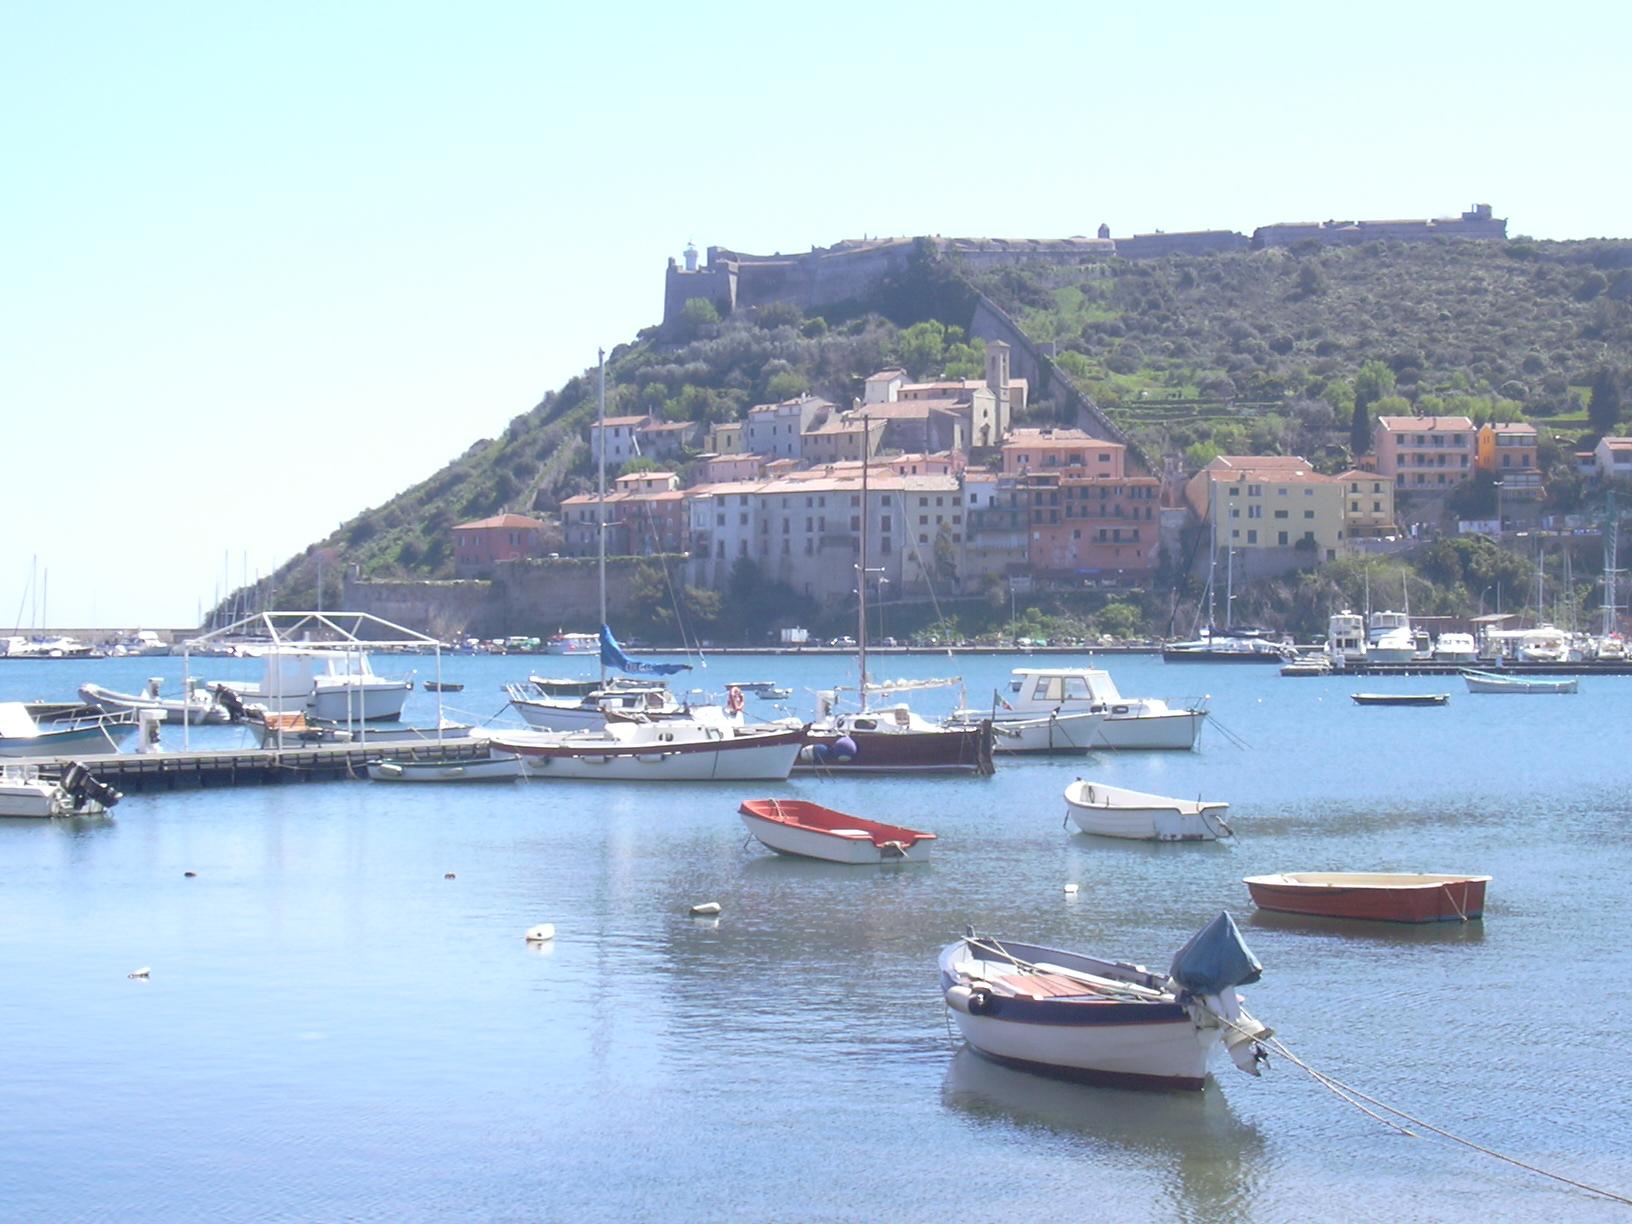 Porto Ercole. Hafen, Altstadt und Festung (La Rocca)